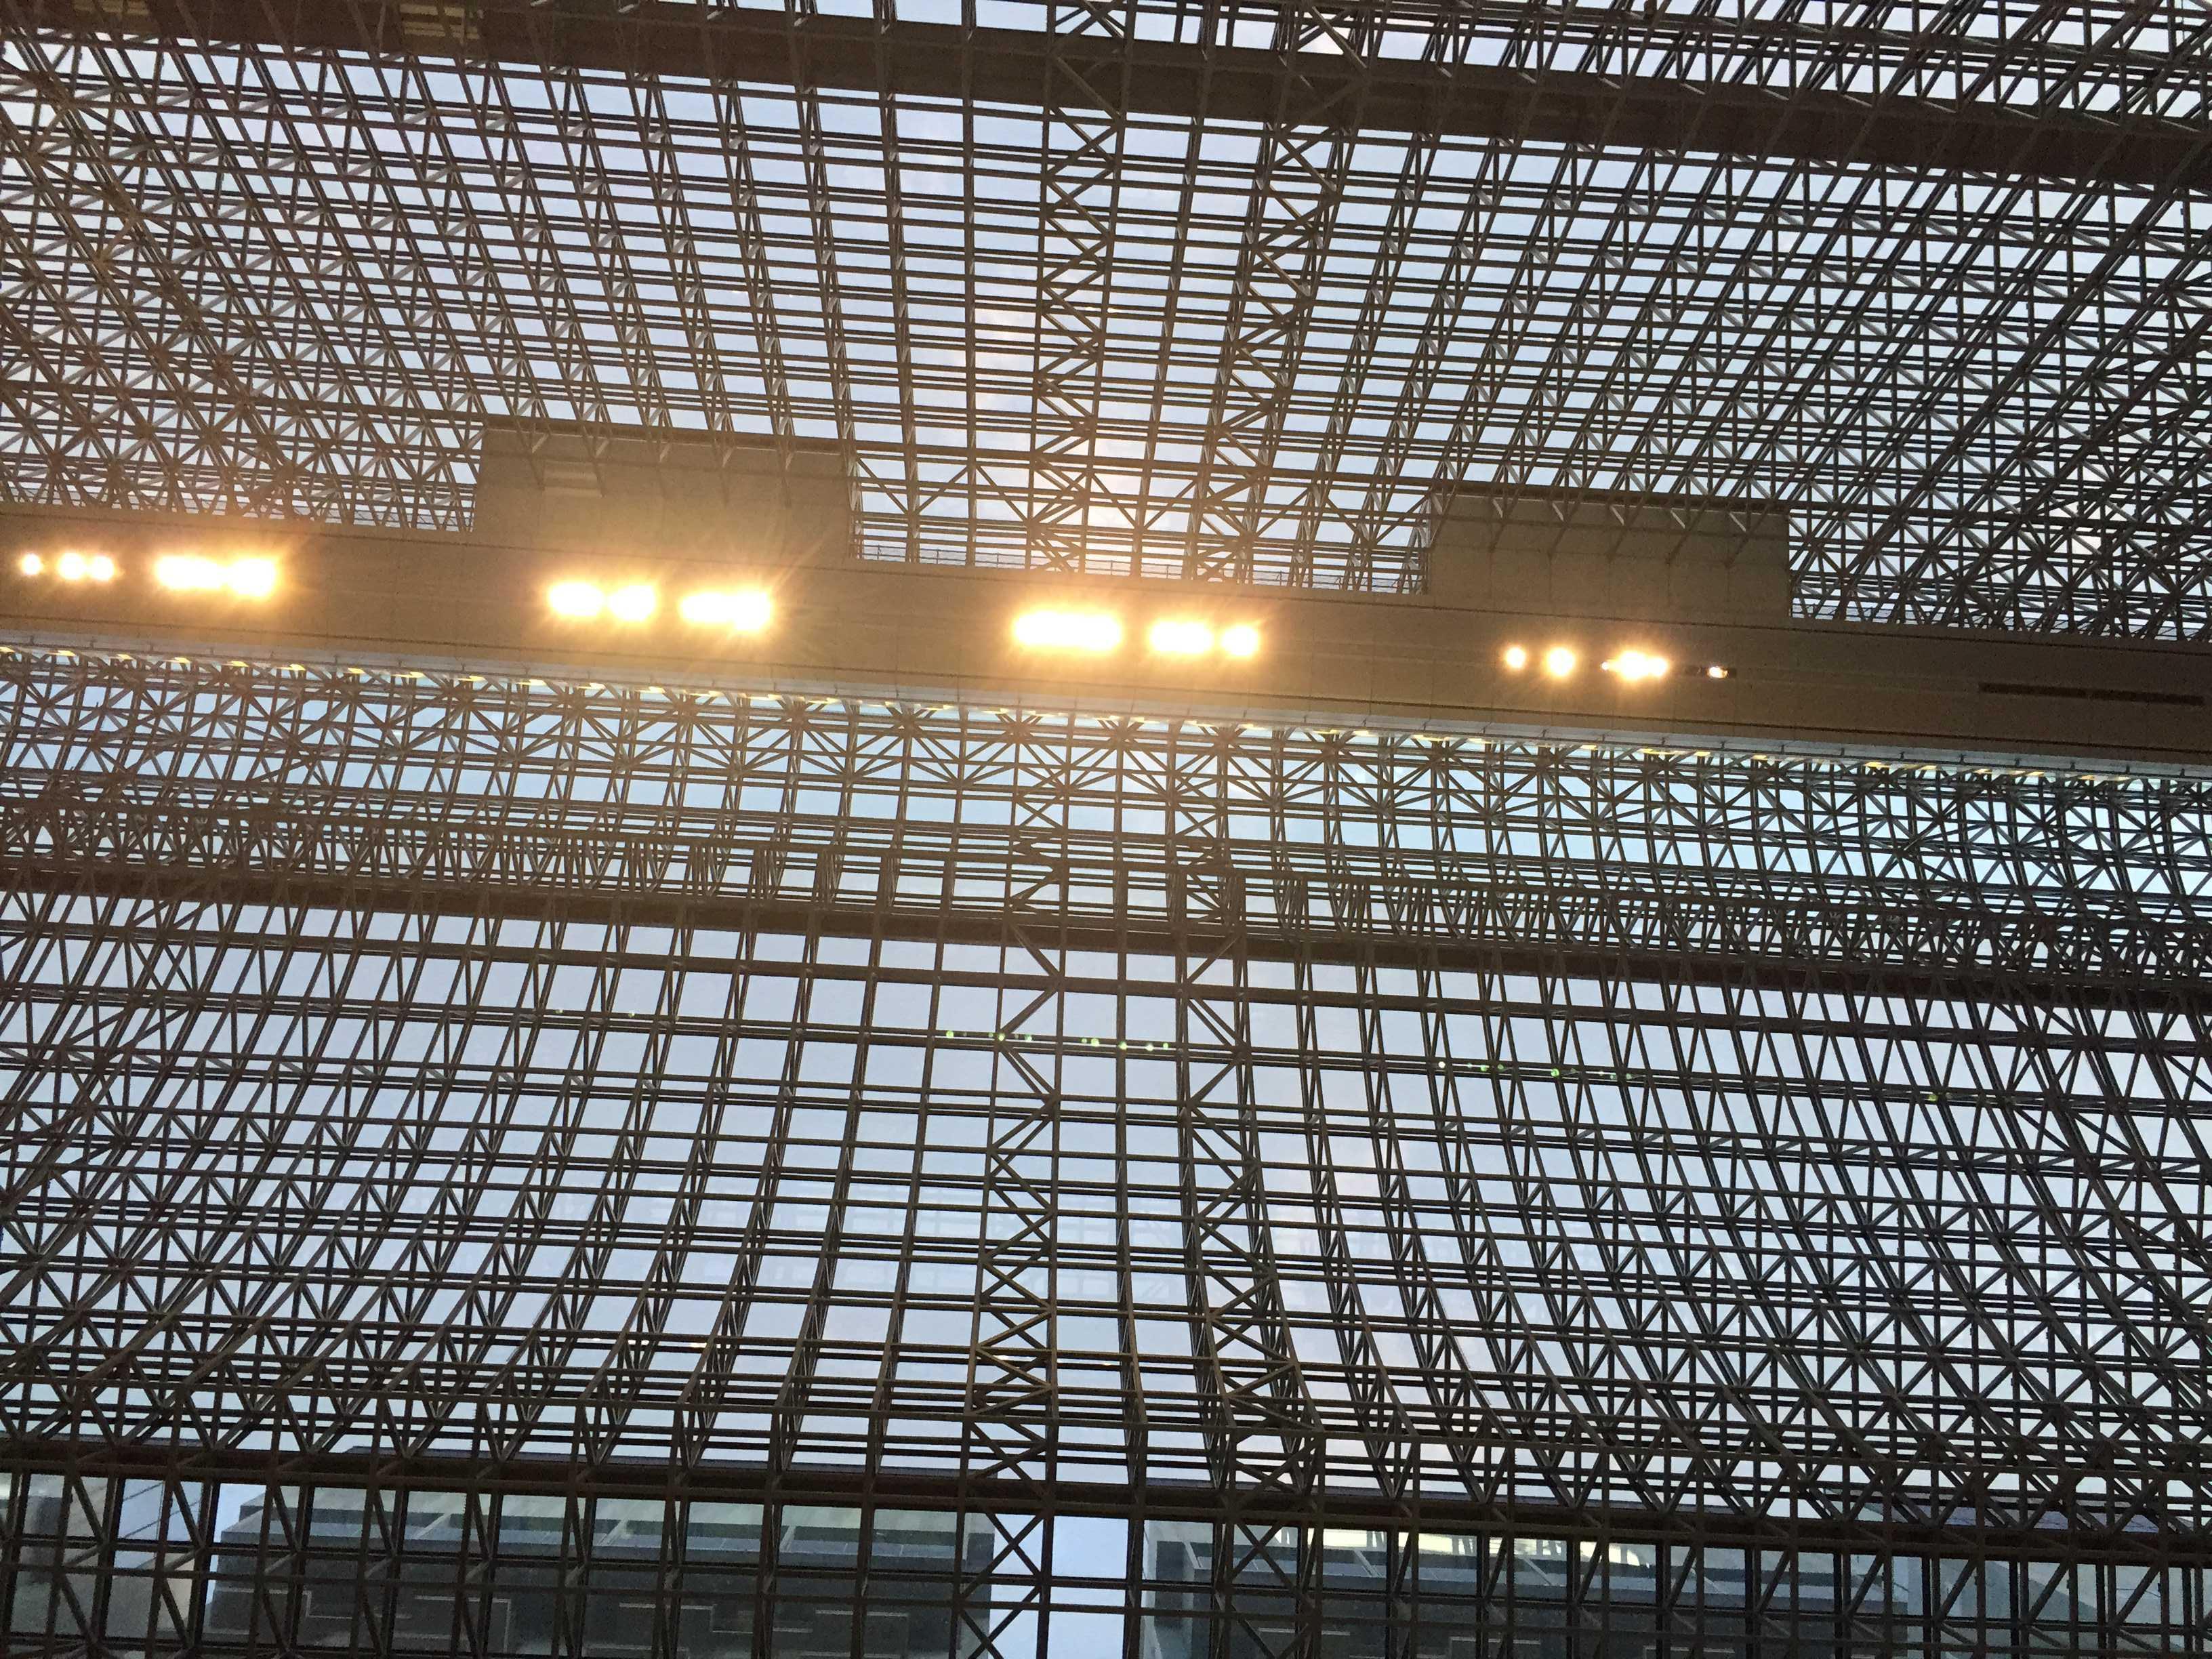 JR京都駅のガラス屋根